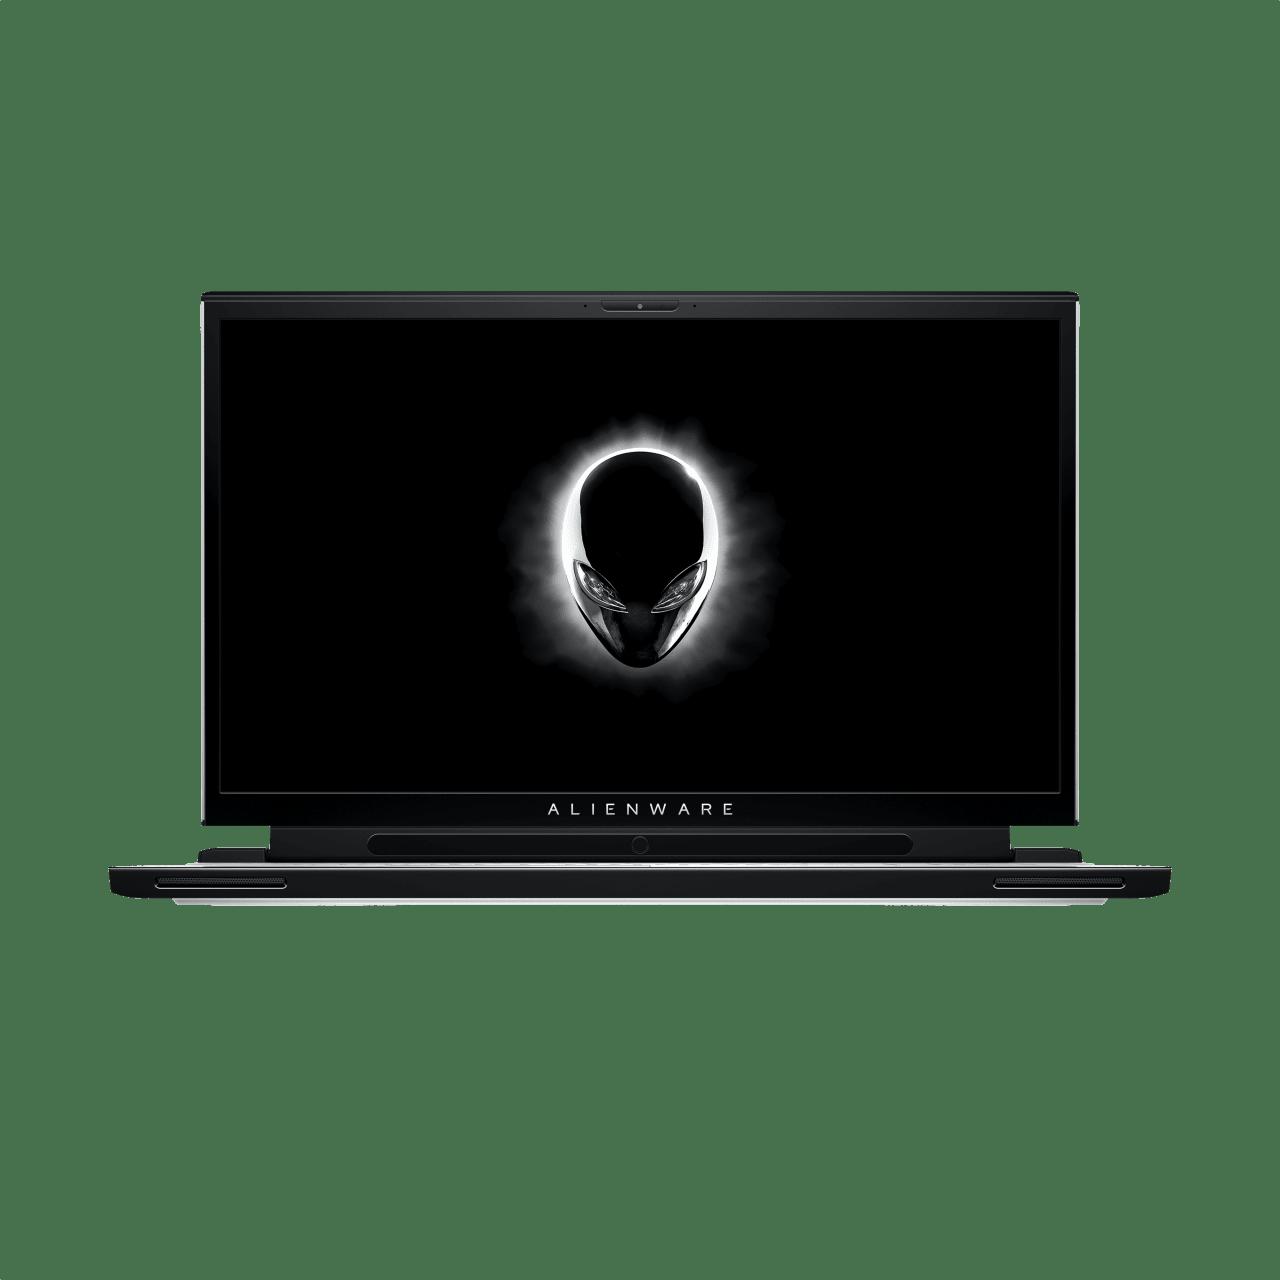 Schwarz / Weiß Alienware M17 R2.1